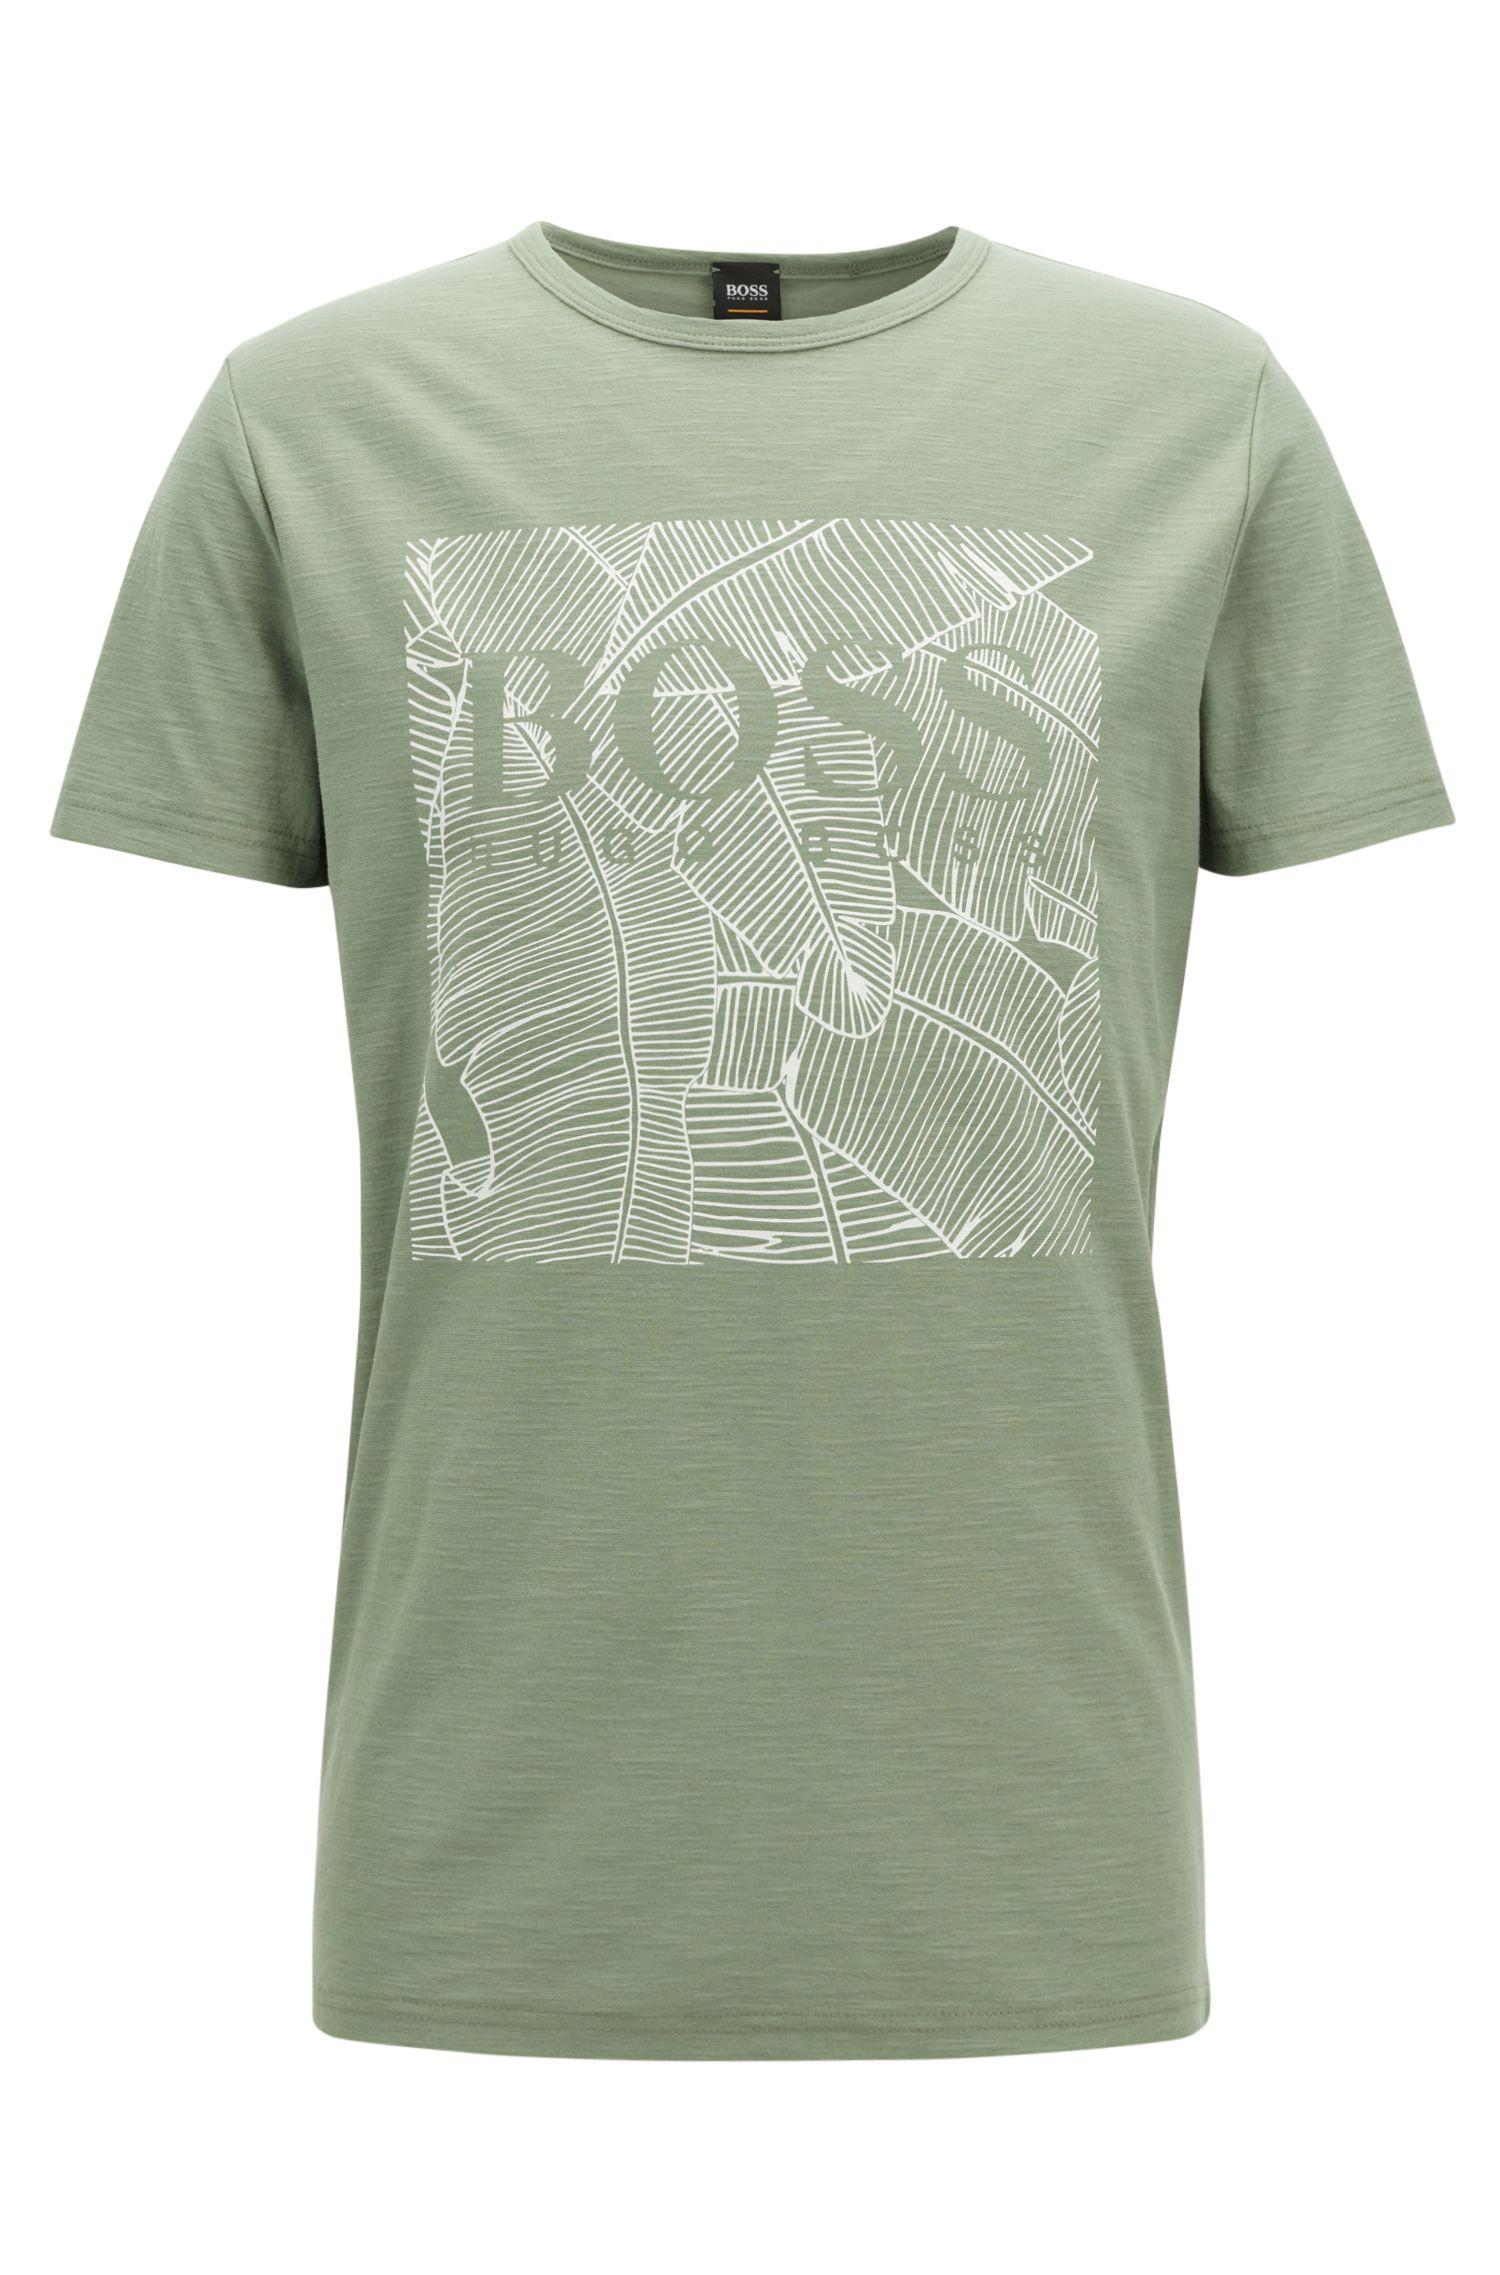 T-shirt graphique RelaxedFit en coton flammé